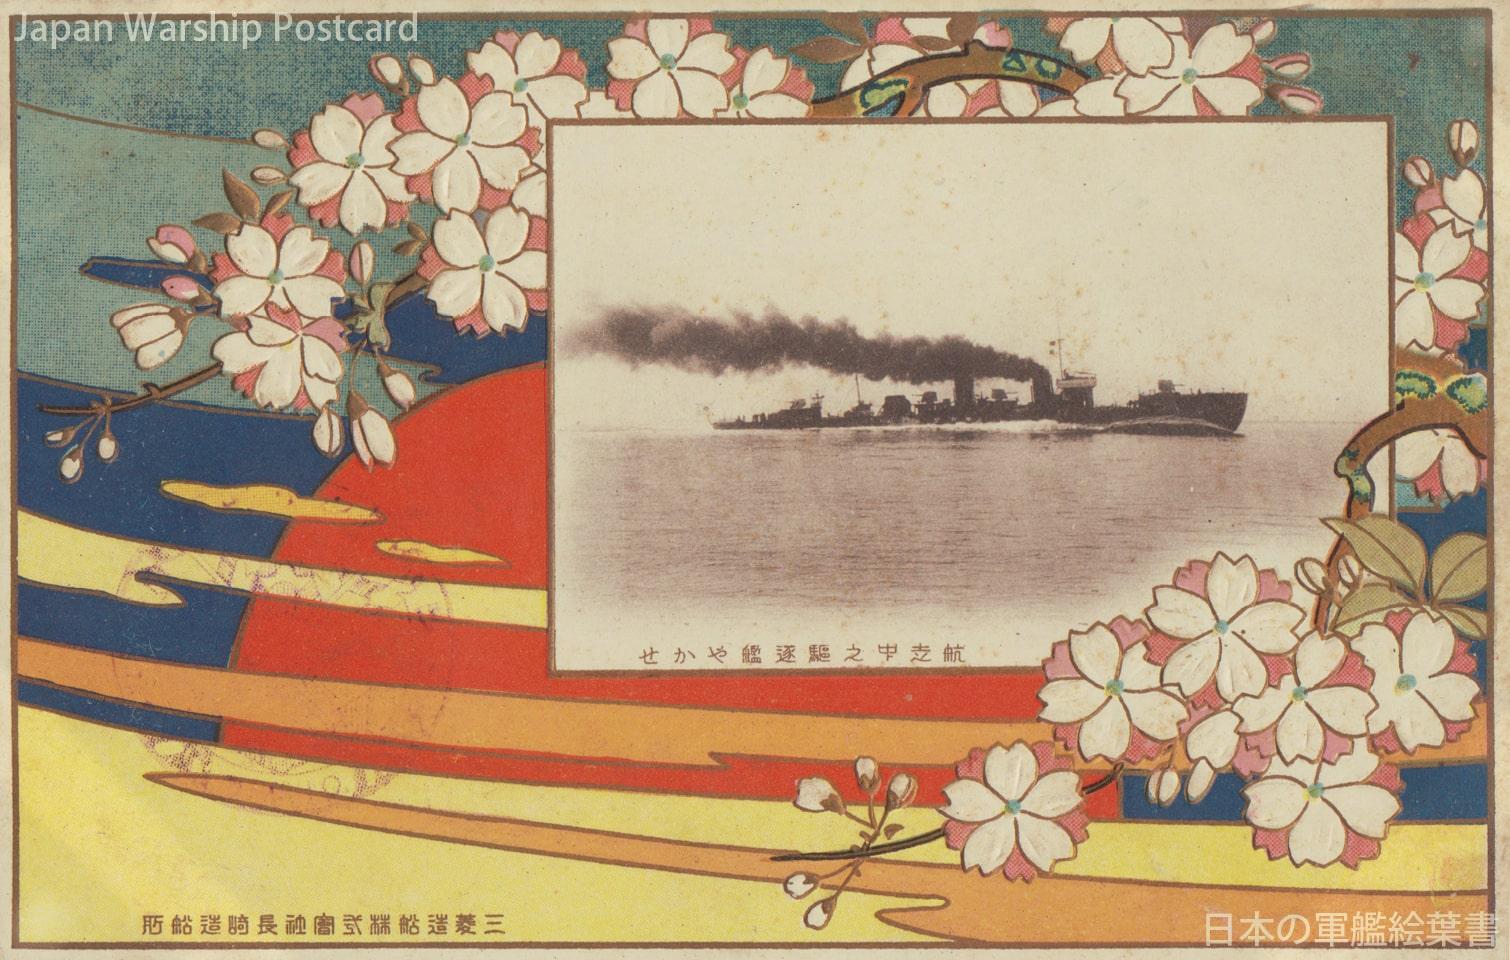 峯風型駆逐艦「矢風」